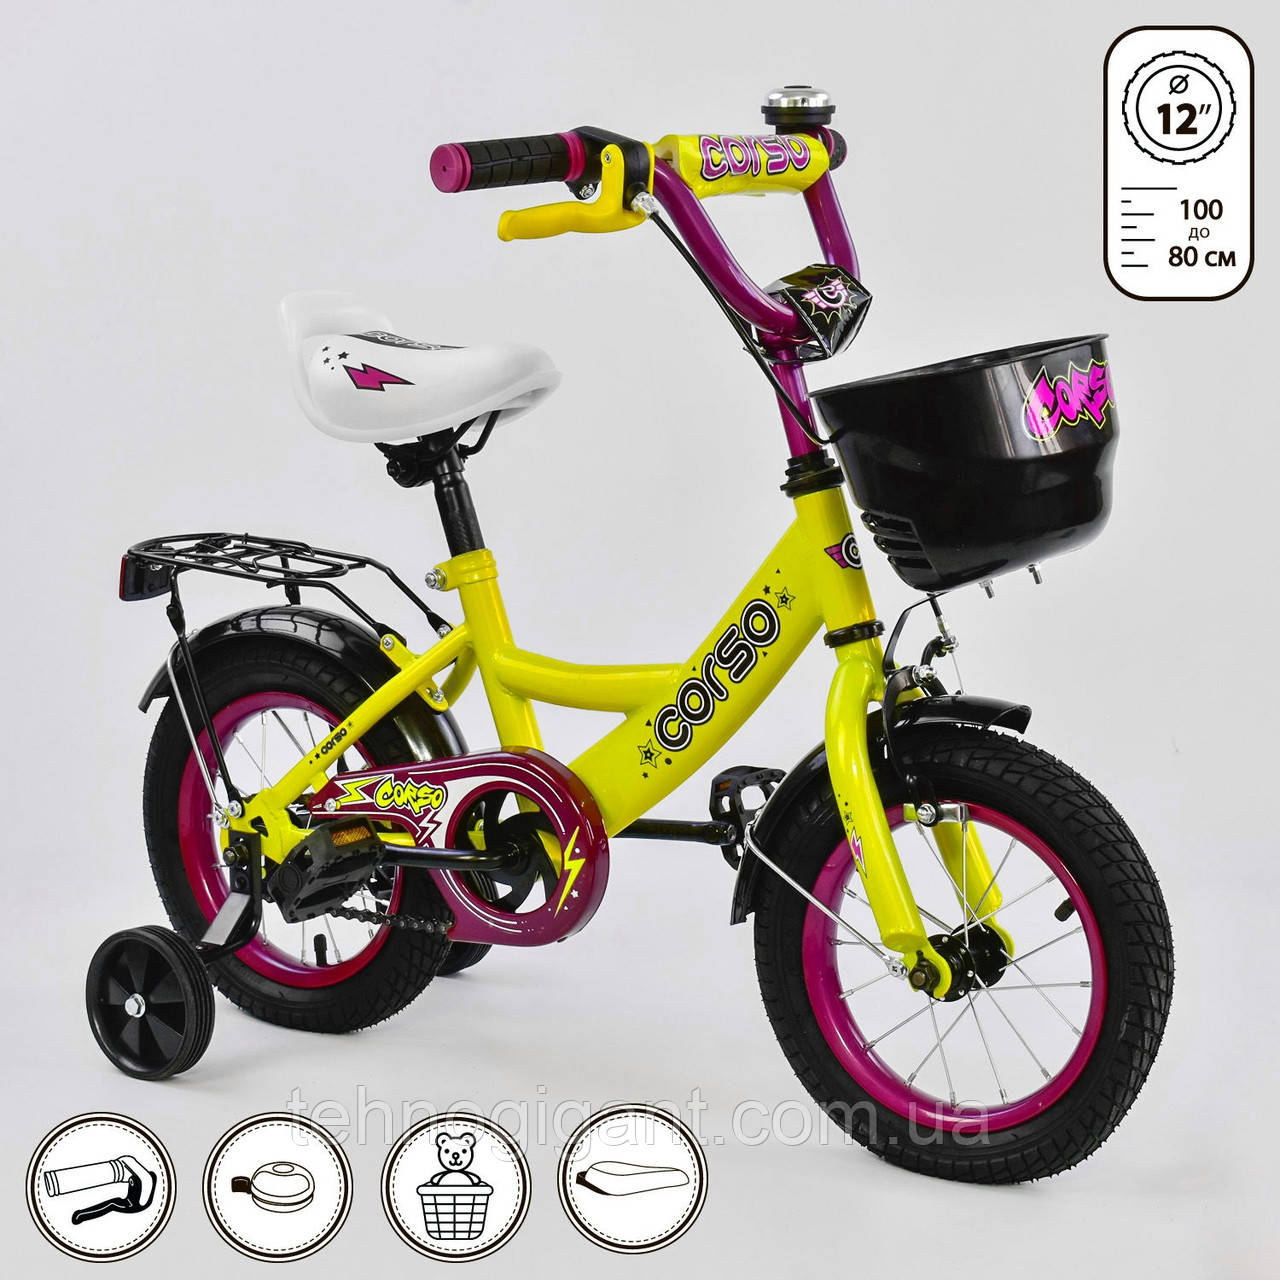 """Велосипед 12"""" дюймов 2-х колёсный """"CORSO""""  ЖЕЛТЫЙ, ручной тормоз, звоночек, сидение с ручкой, доп. колеса"""